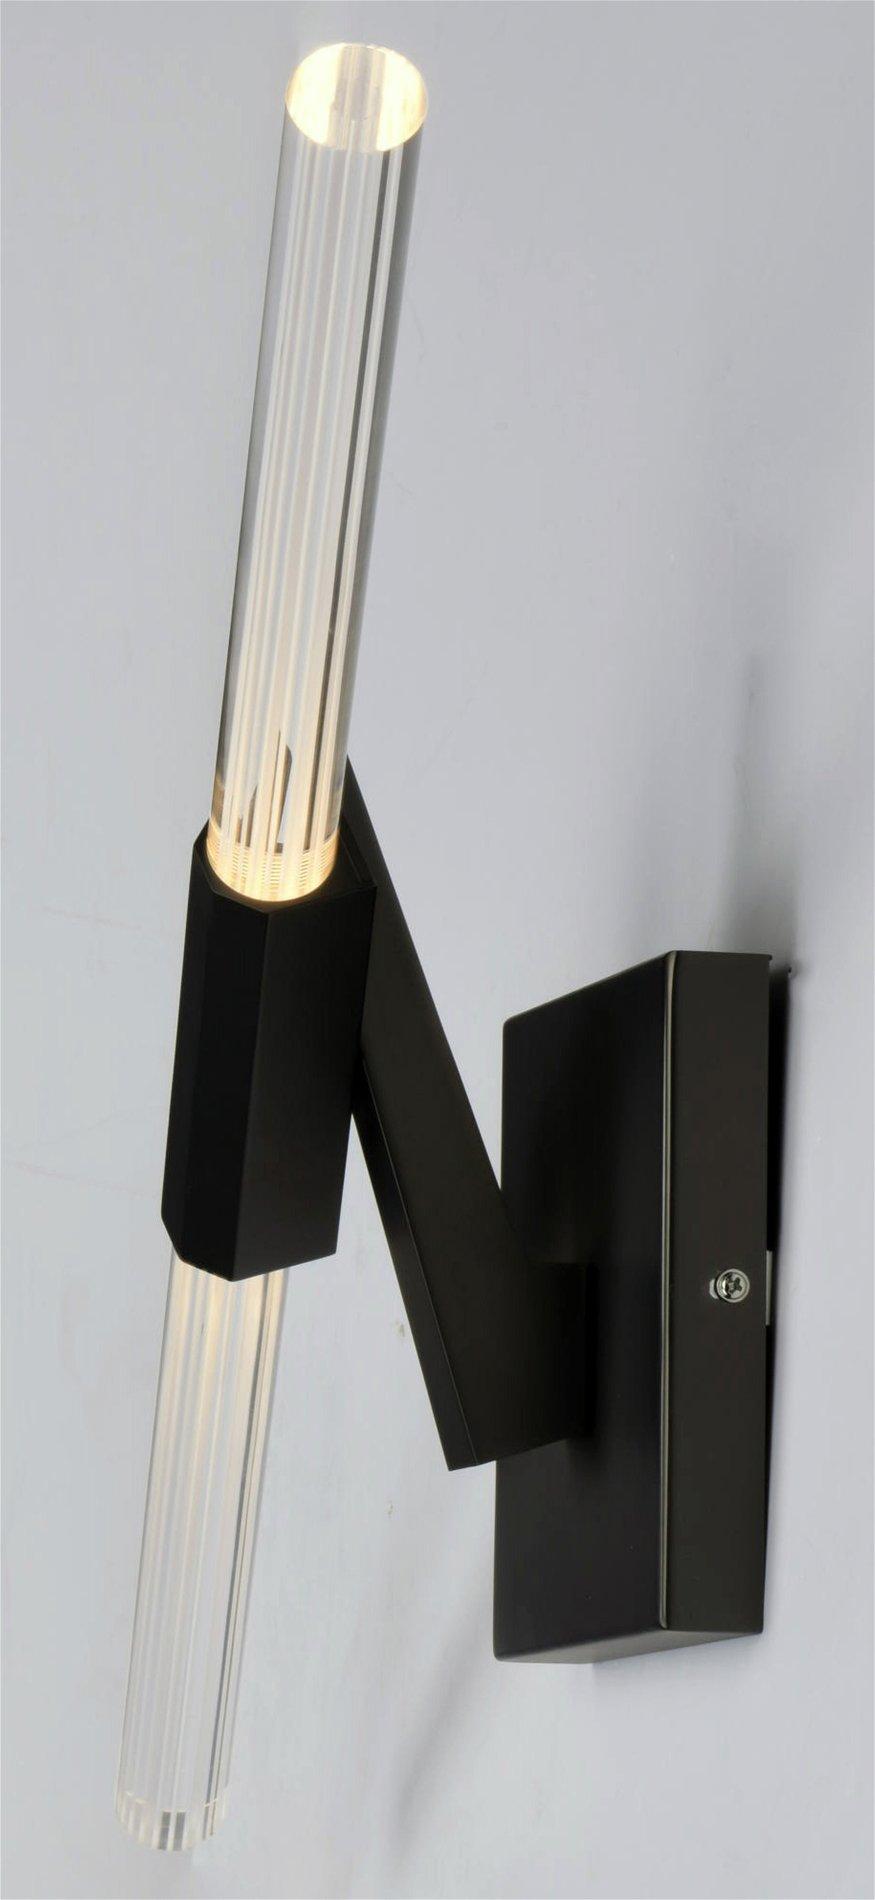 ET2 E41430-75GM Light Saber LED Modern / Contemporary Wall Sconce E41430-75GM